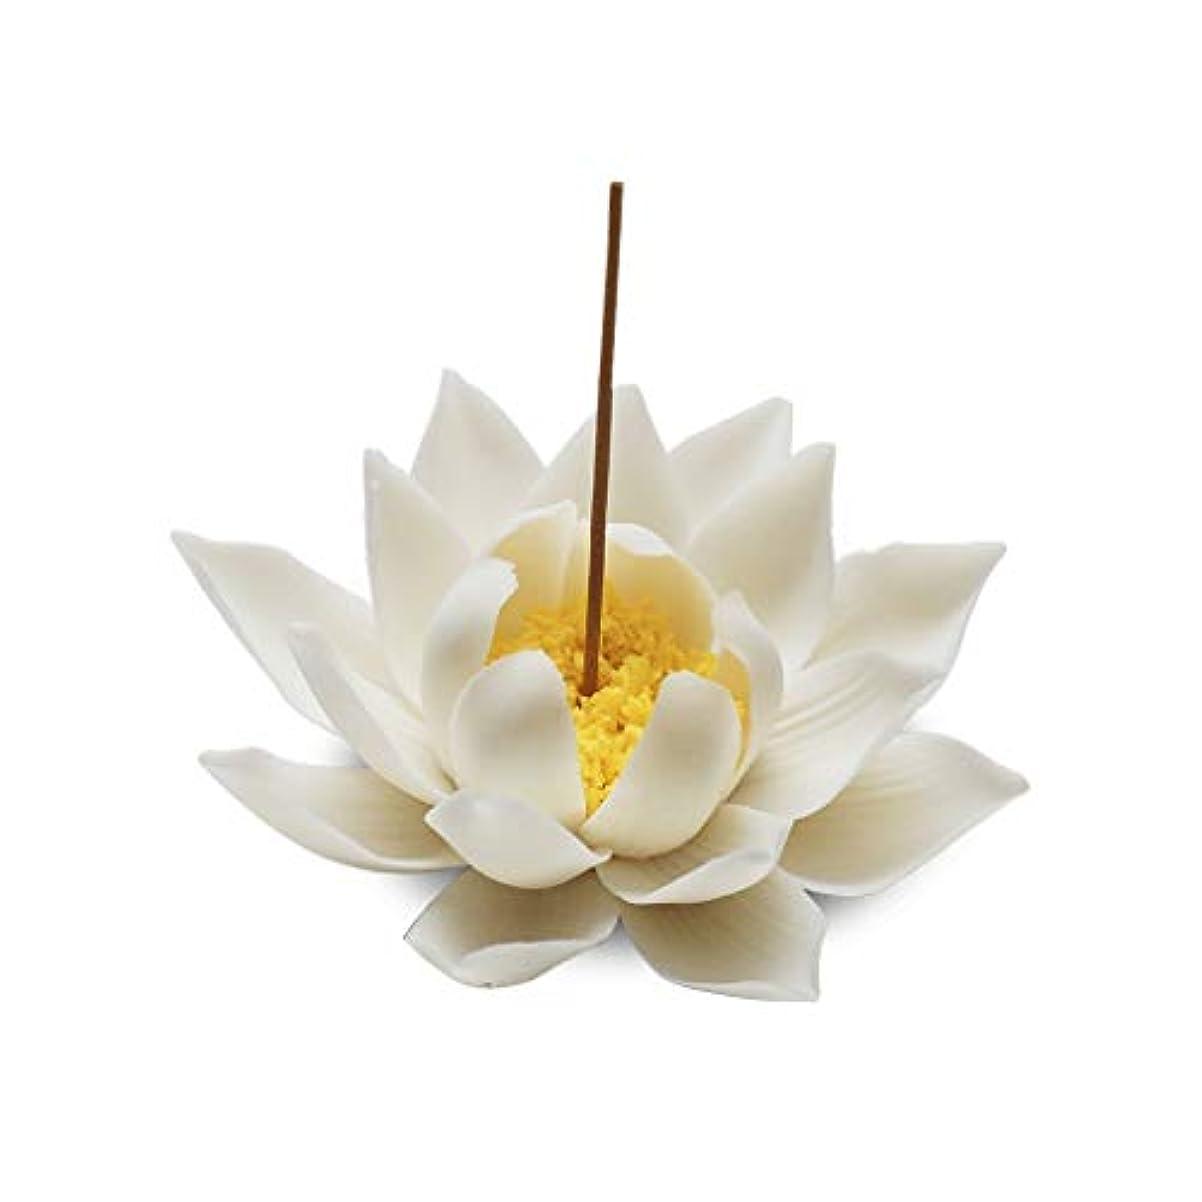 精神的にブリリアント草芳香器?アロマバーナー セラミック蓮香バーナー家の装飾香スティックホルダー仏教アロマセラピーホームリビングルームの茶屋 芳香器?アロマバーナー (Color : A)